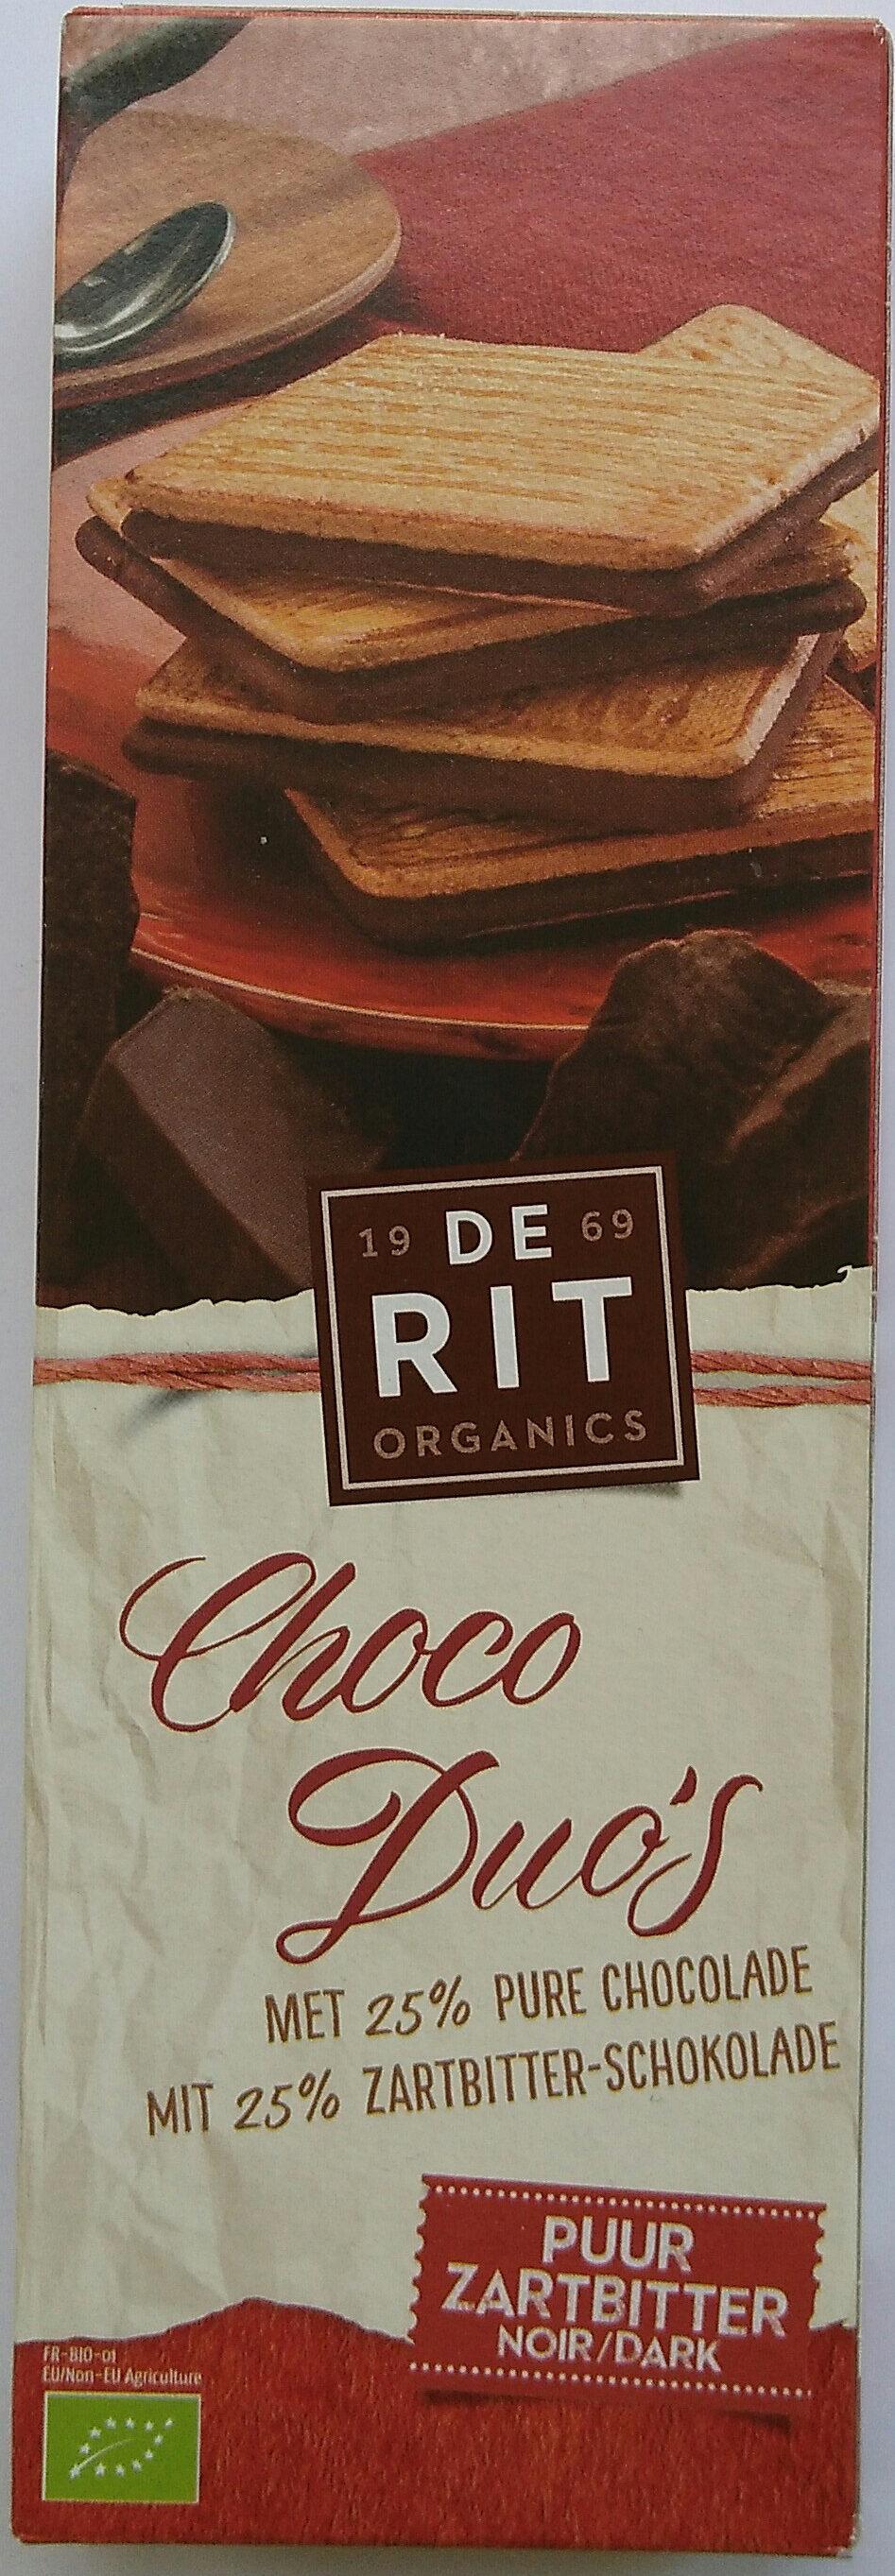 Choco Duo's - Produkt - de